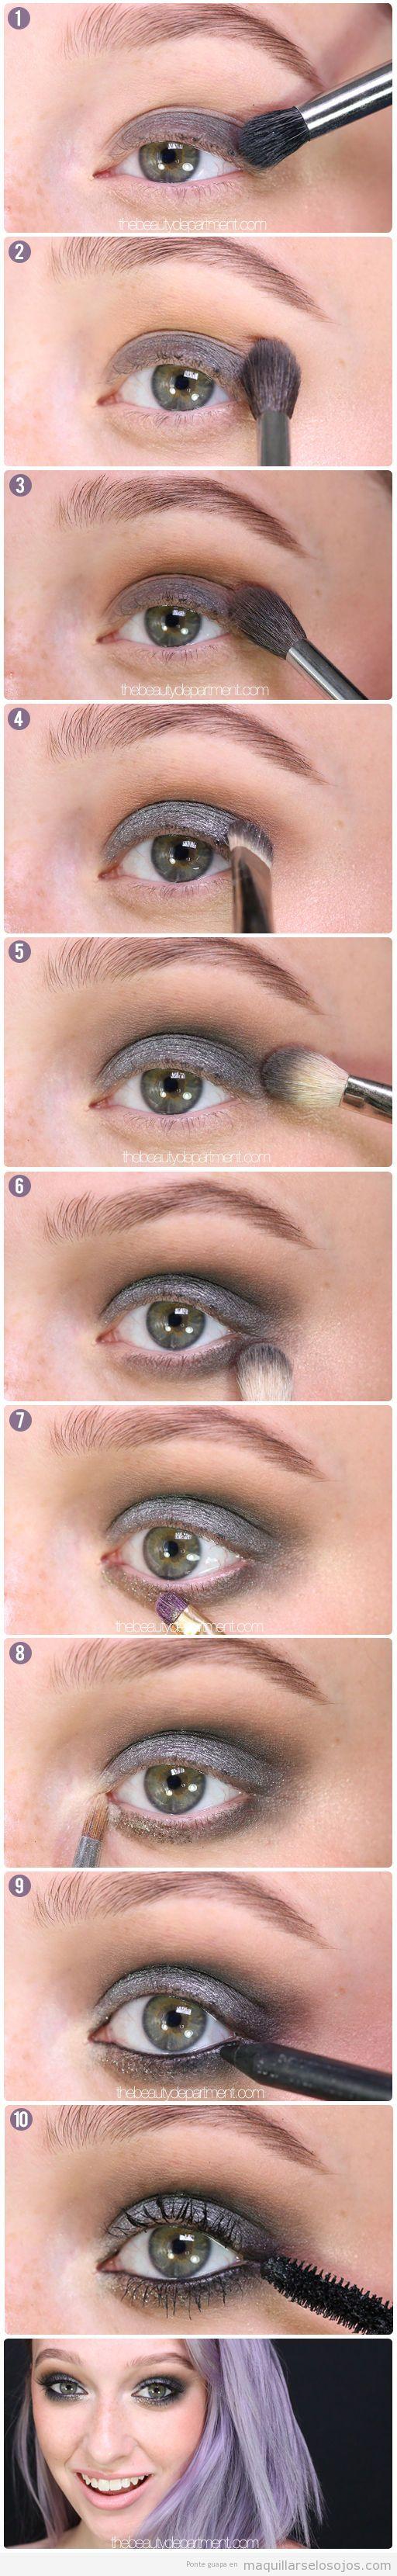 Plateado archivos • Maquillarse los ojos